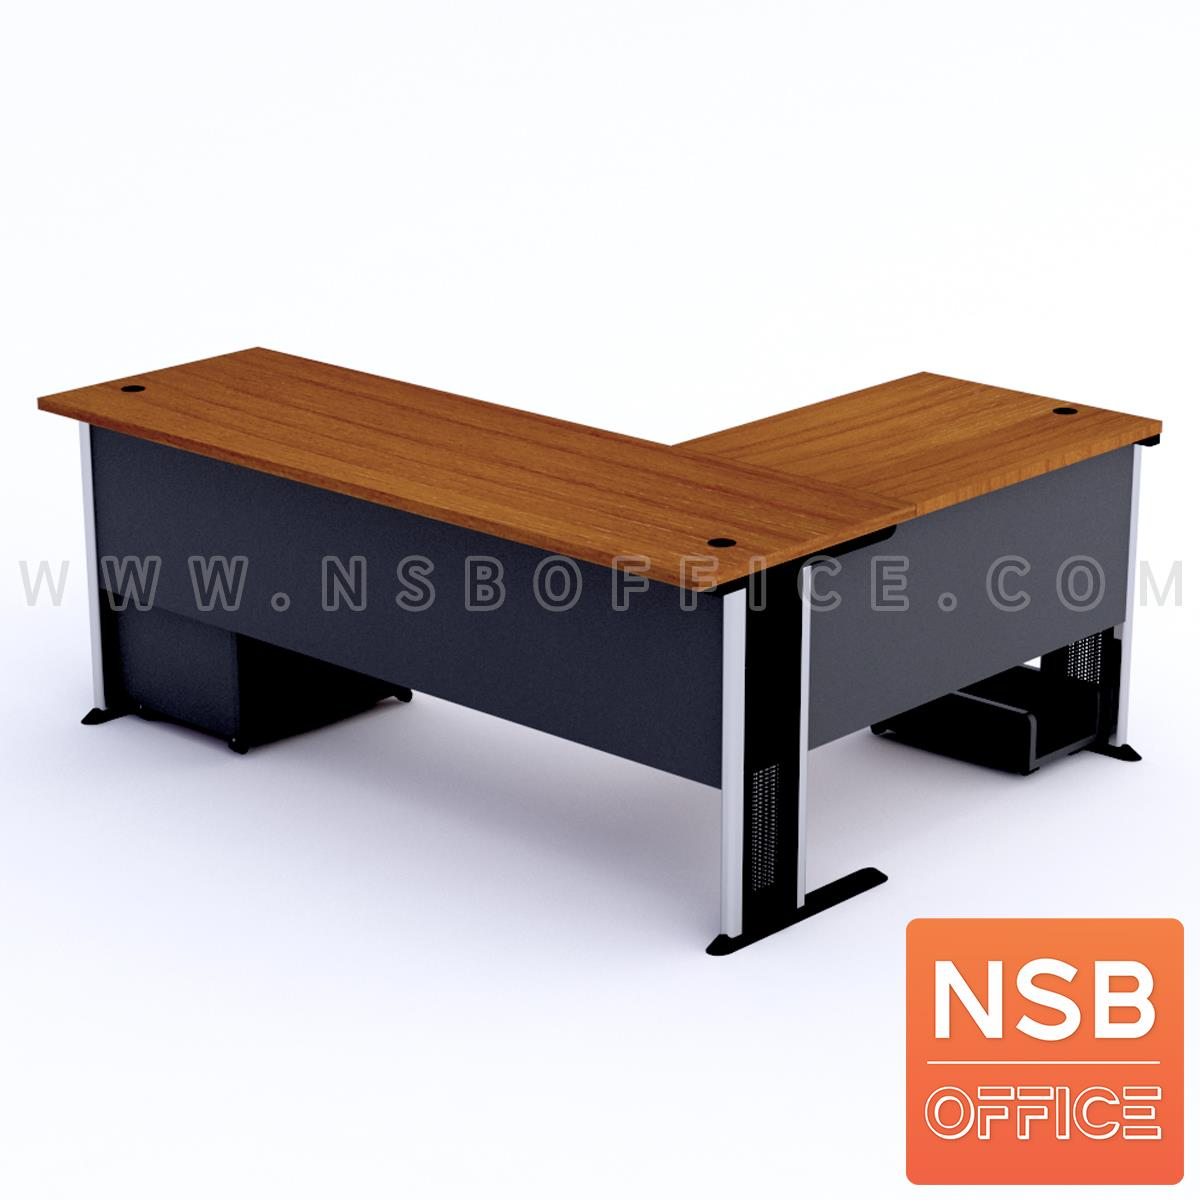 โต๊ะผู้บริหารตัวแอล   ขนาด 180W1*180W2 cm. ขาเหล็กโครเมี่ยมดำ สีเชอร์รี่ดำ